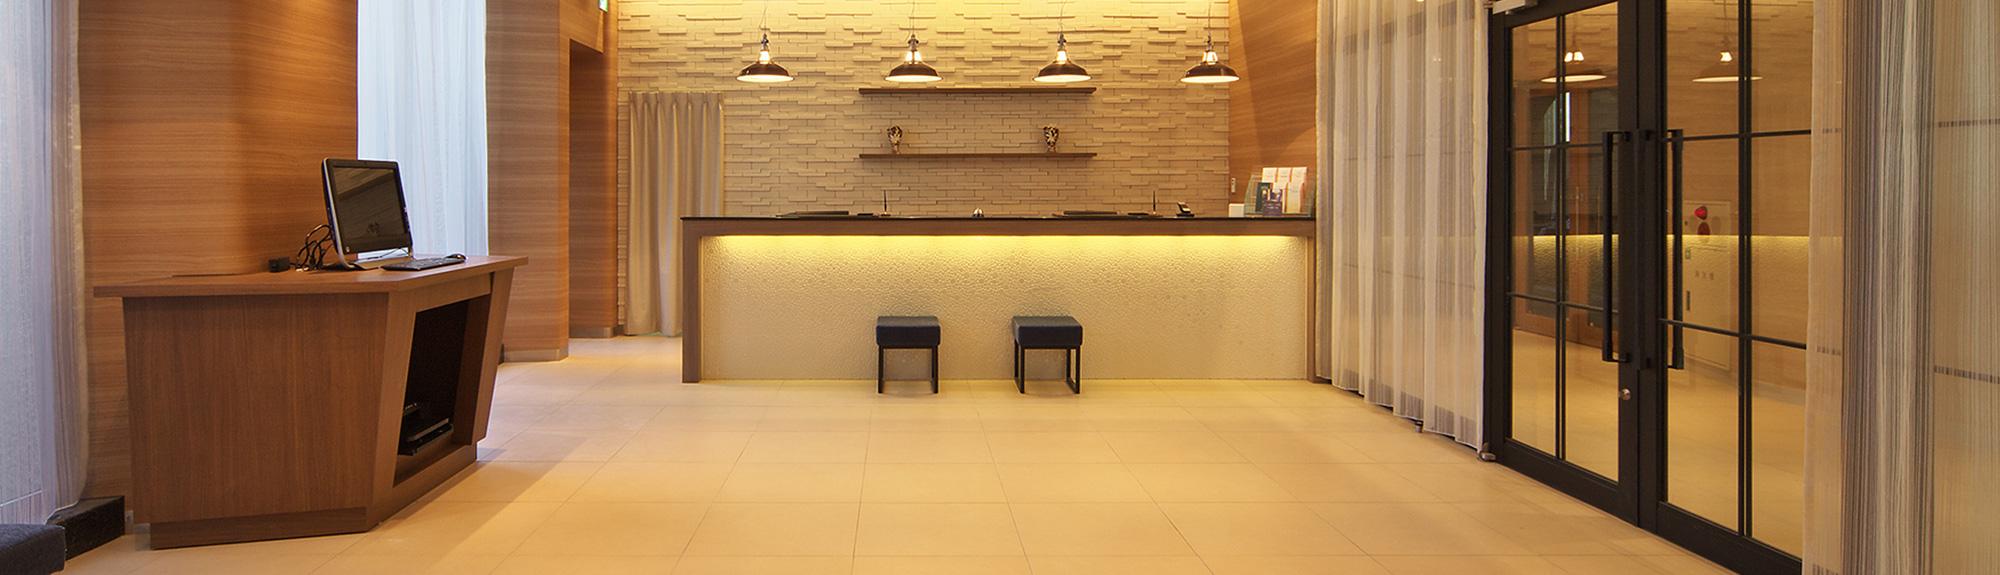 建物の健康を支え、末長く、快適な暮らしをサポート。